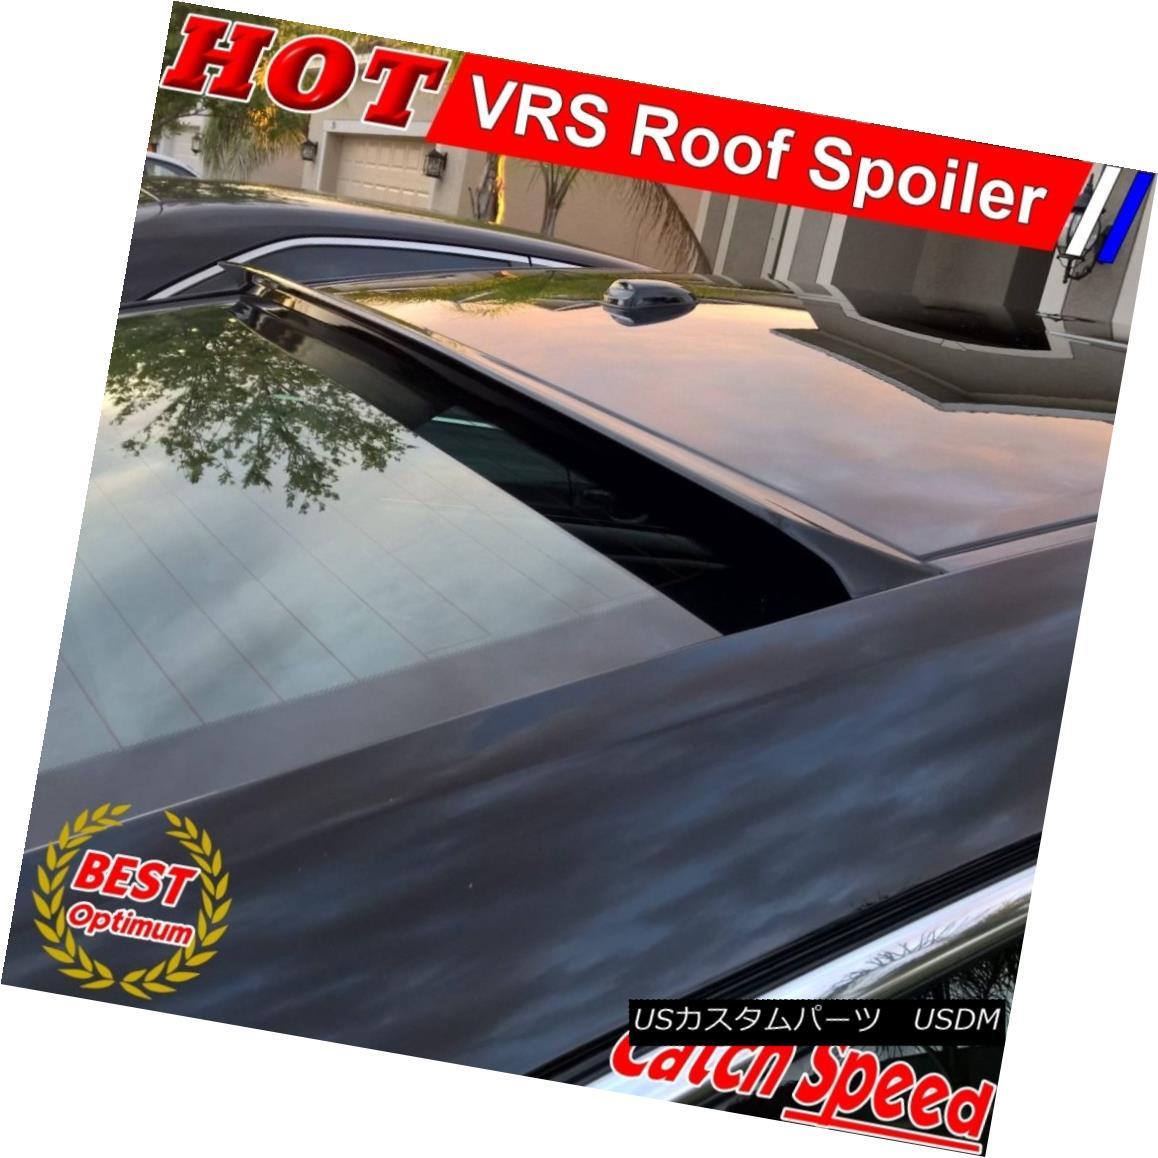 エアロパーツ Flat Black VRS Type Rear Roof Spoiler Wing For Lexus LS460 460L 2007-12 Sedan フラットブラックVRSタイプリア・ルーフ・スポイラー・ウィングforレクサスLS460 460L 2007-12セダン